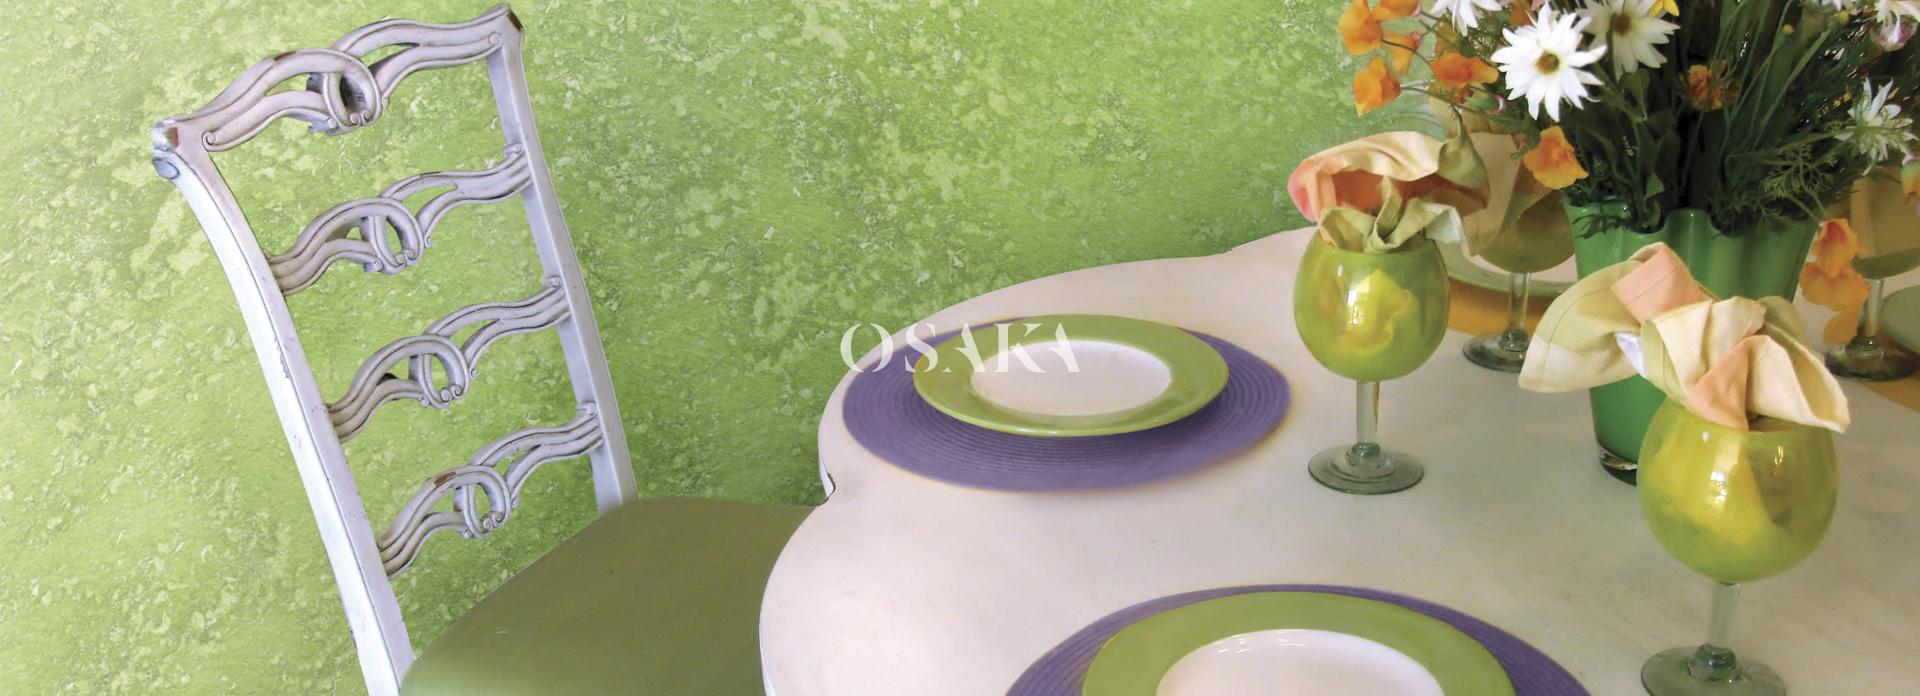 pintura-decorativafantasía-5